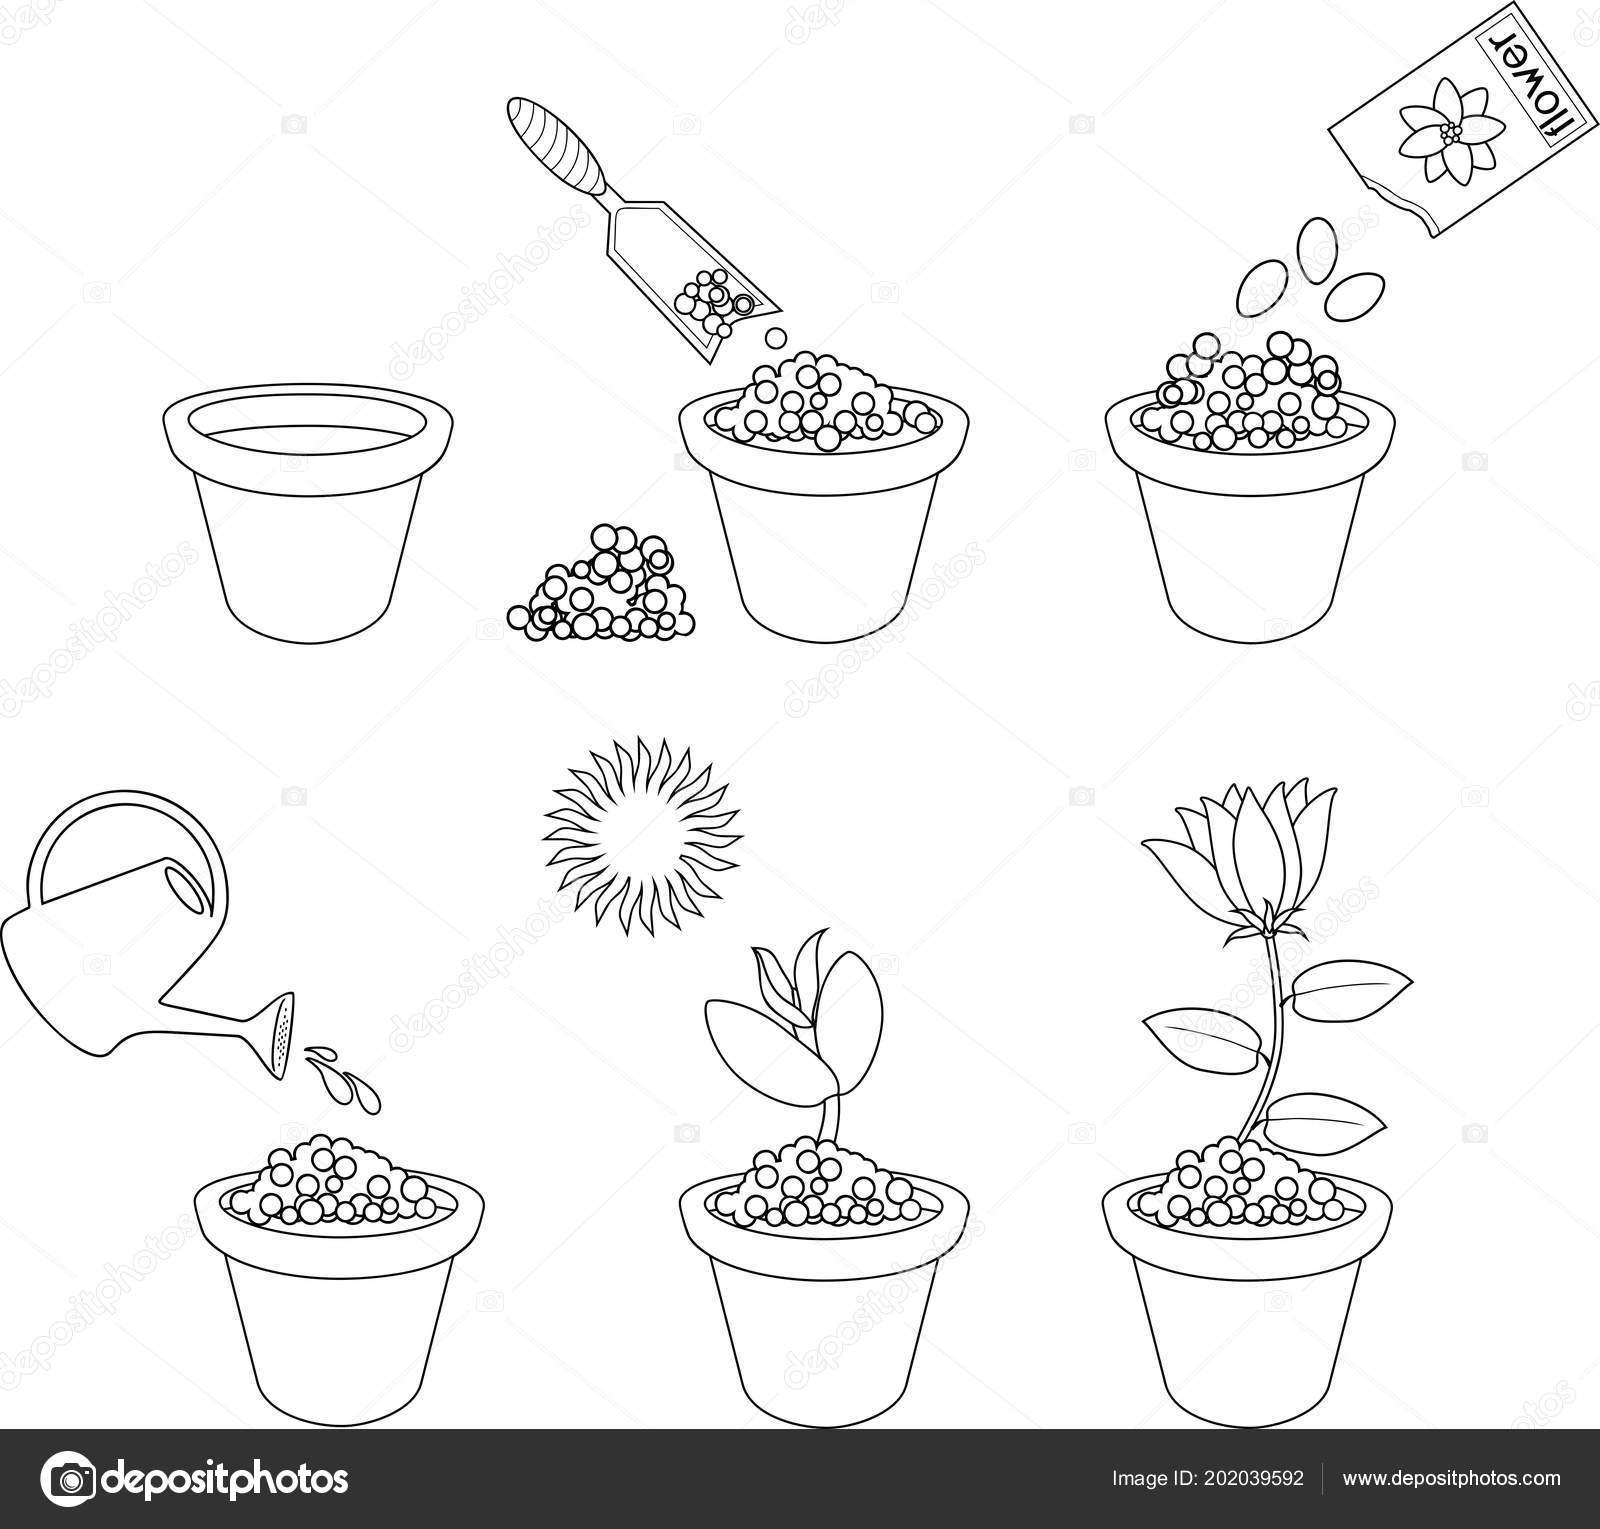 Boyama Sayfası Altı Kolay Adımda çiçek Bitki Hakkında Talimatlar